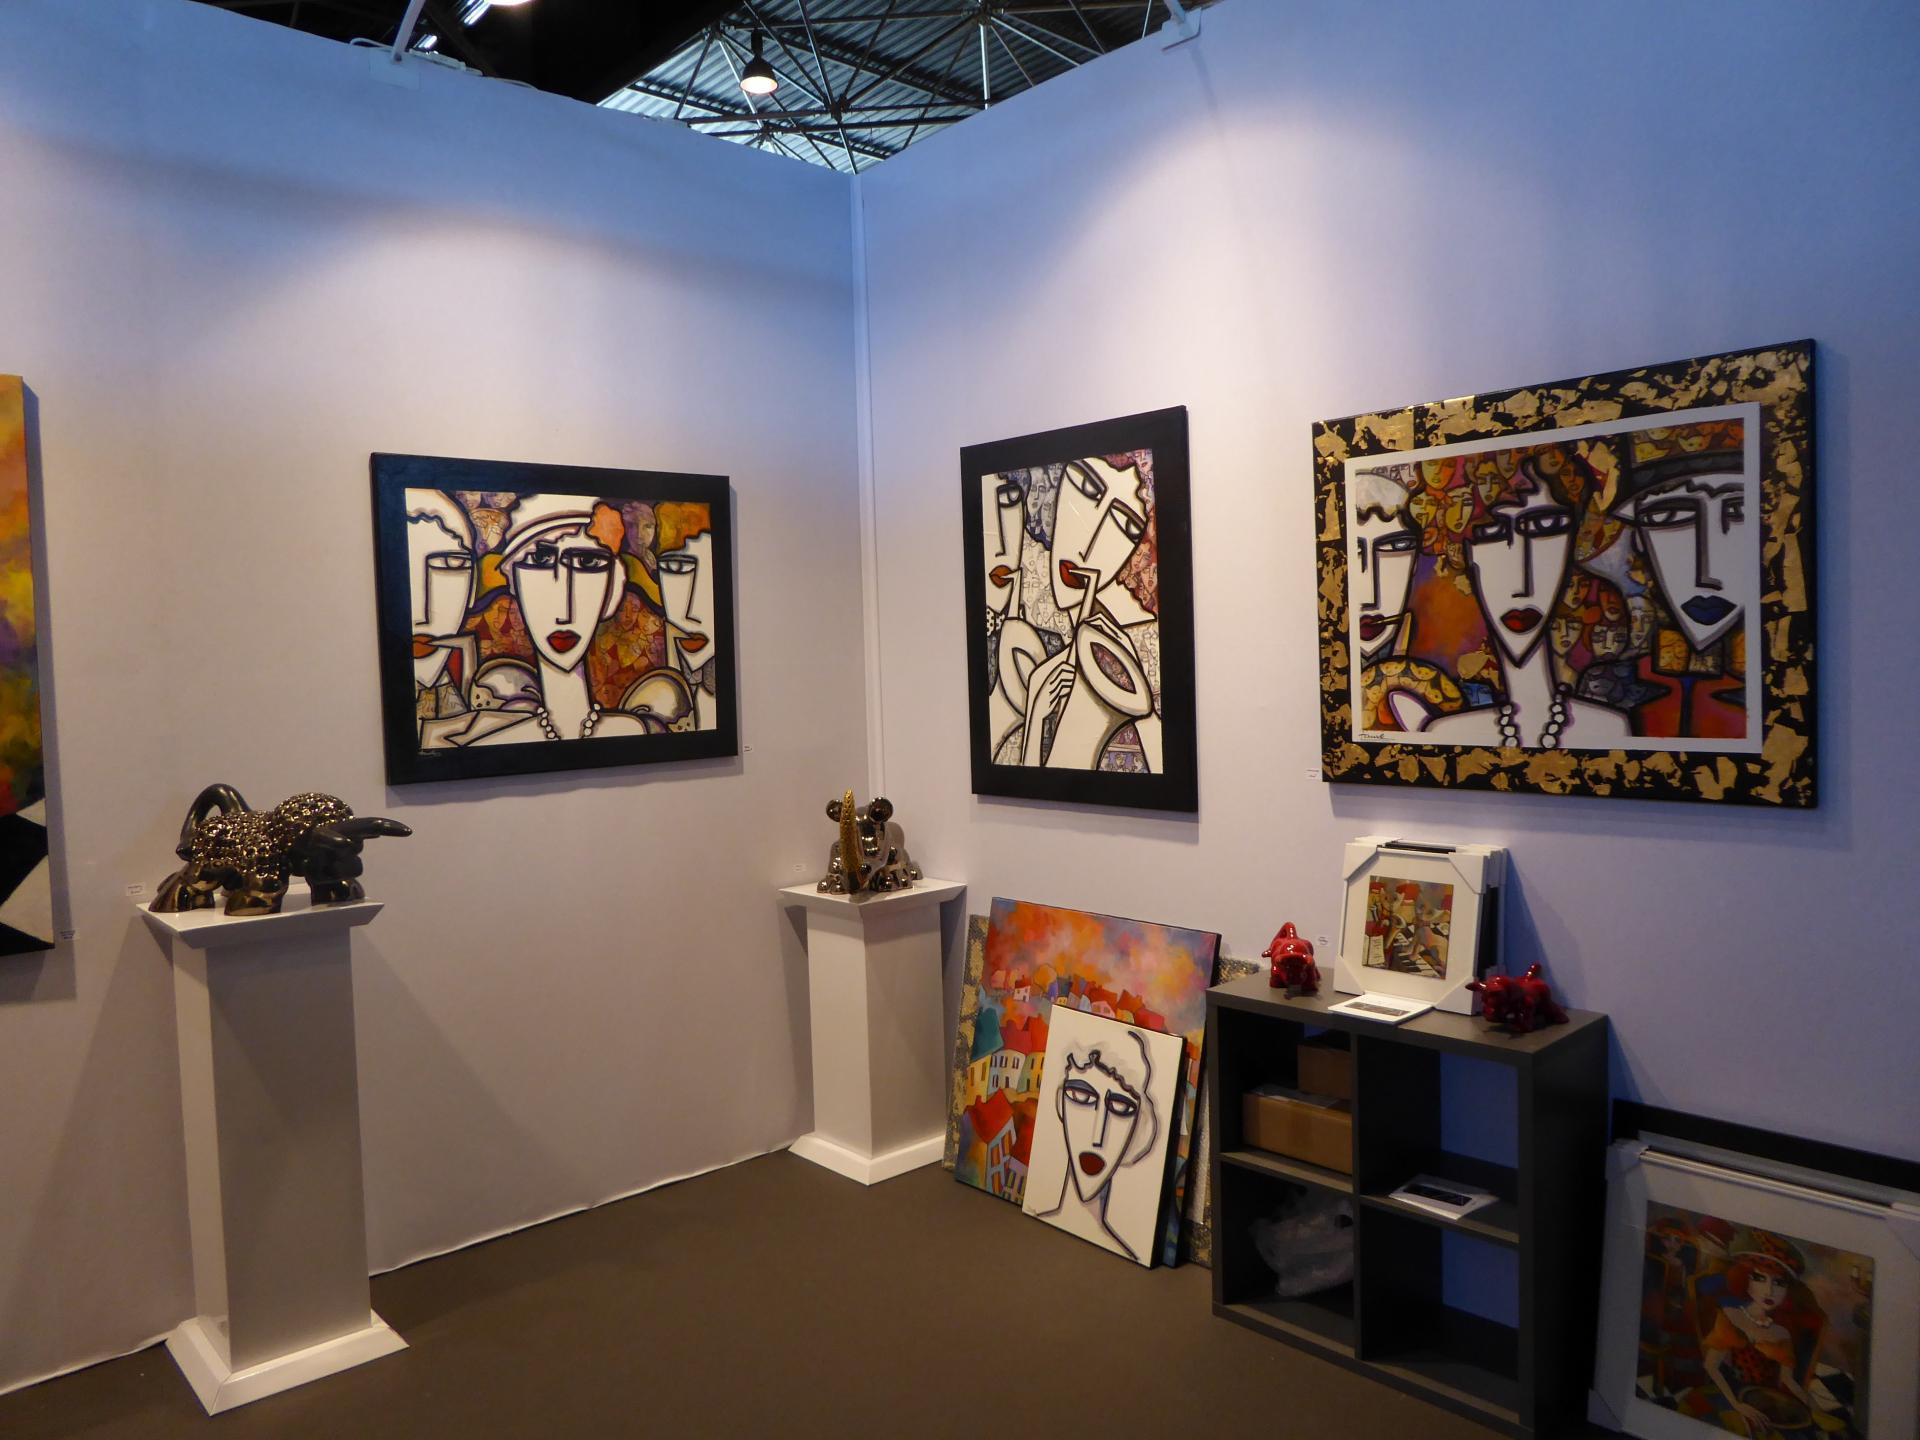 Galerie dez a roanne1 copie